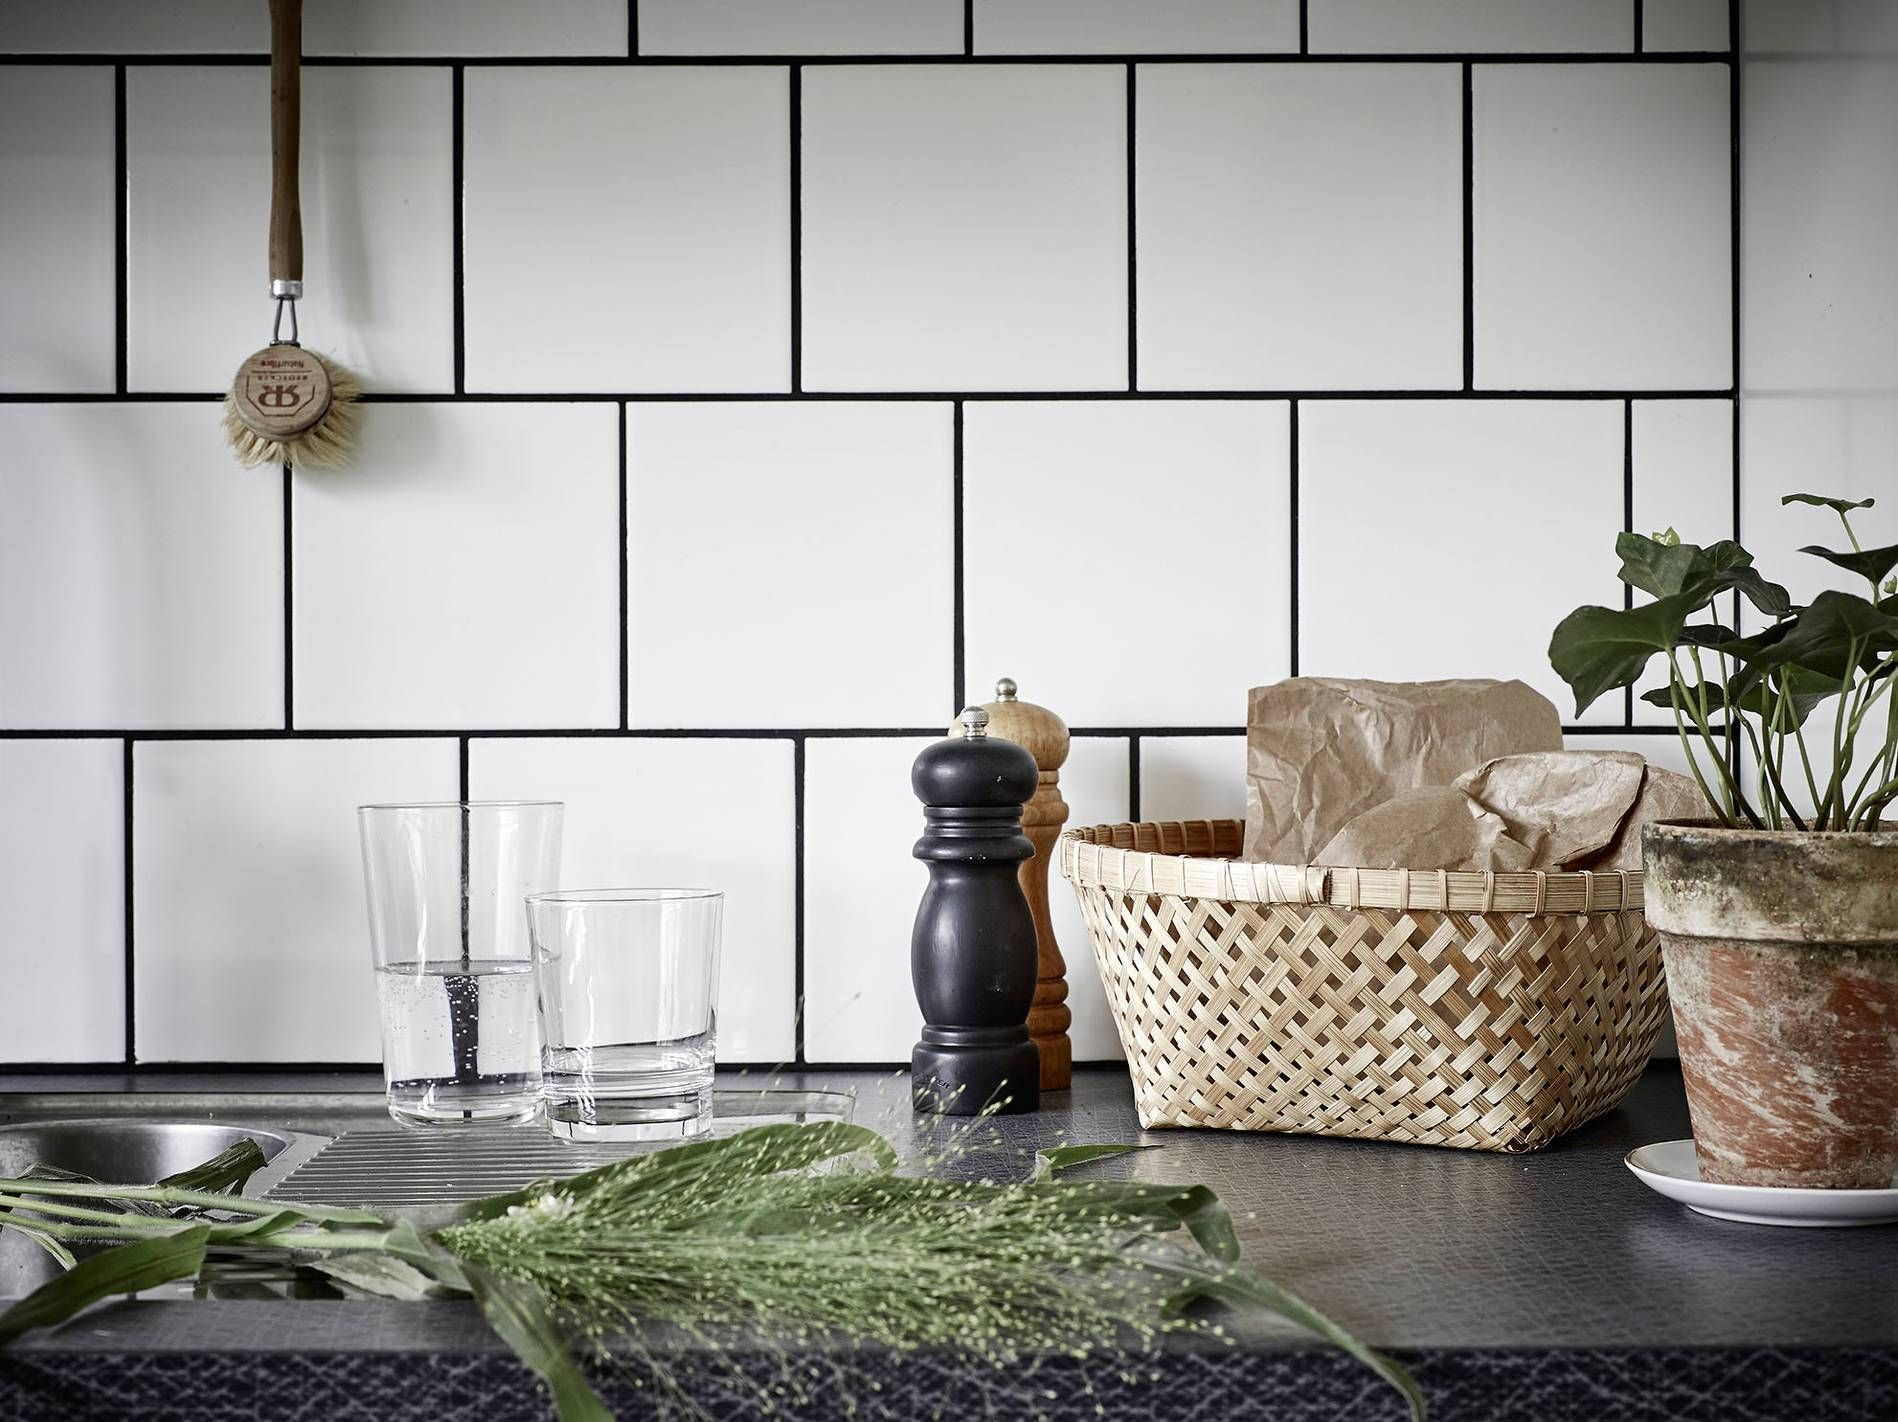 dunkle fugen wei e fliesen k i t c h e n in 2018 pinterest. Black Bedroom Furniture Sets. Home Design Ideas